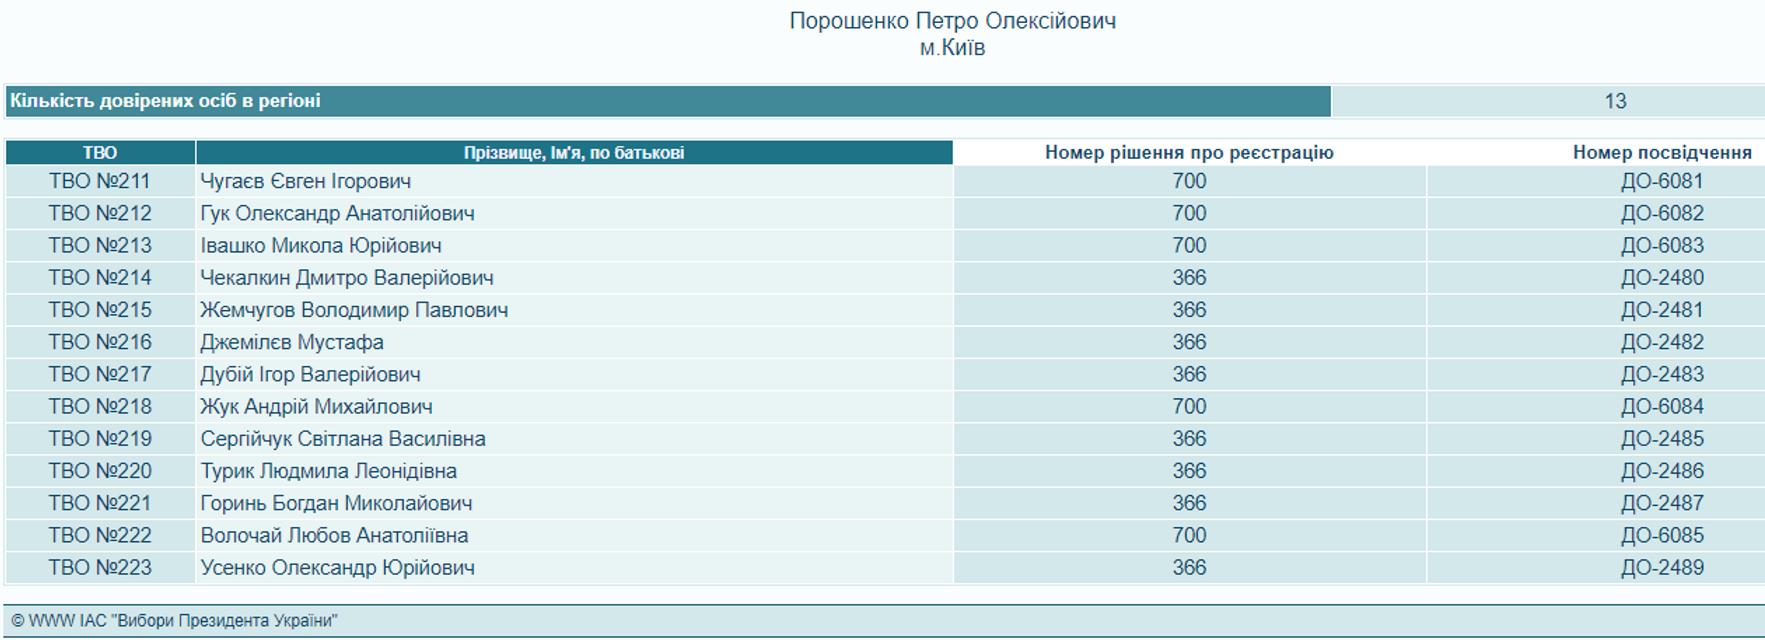 Леся Подерявянского уволили: Порошенко заменил десятки доверенных лиц на выборах - фото 178248